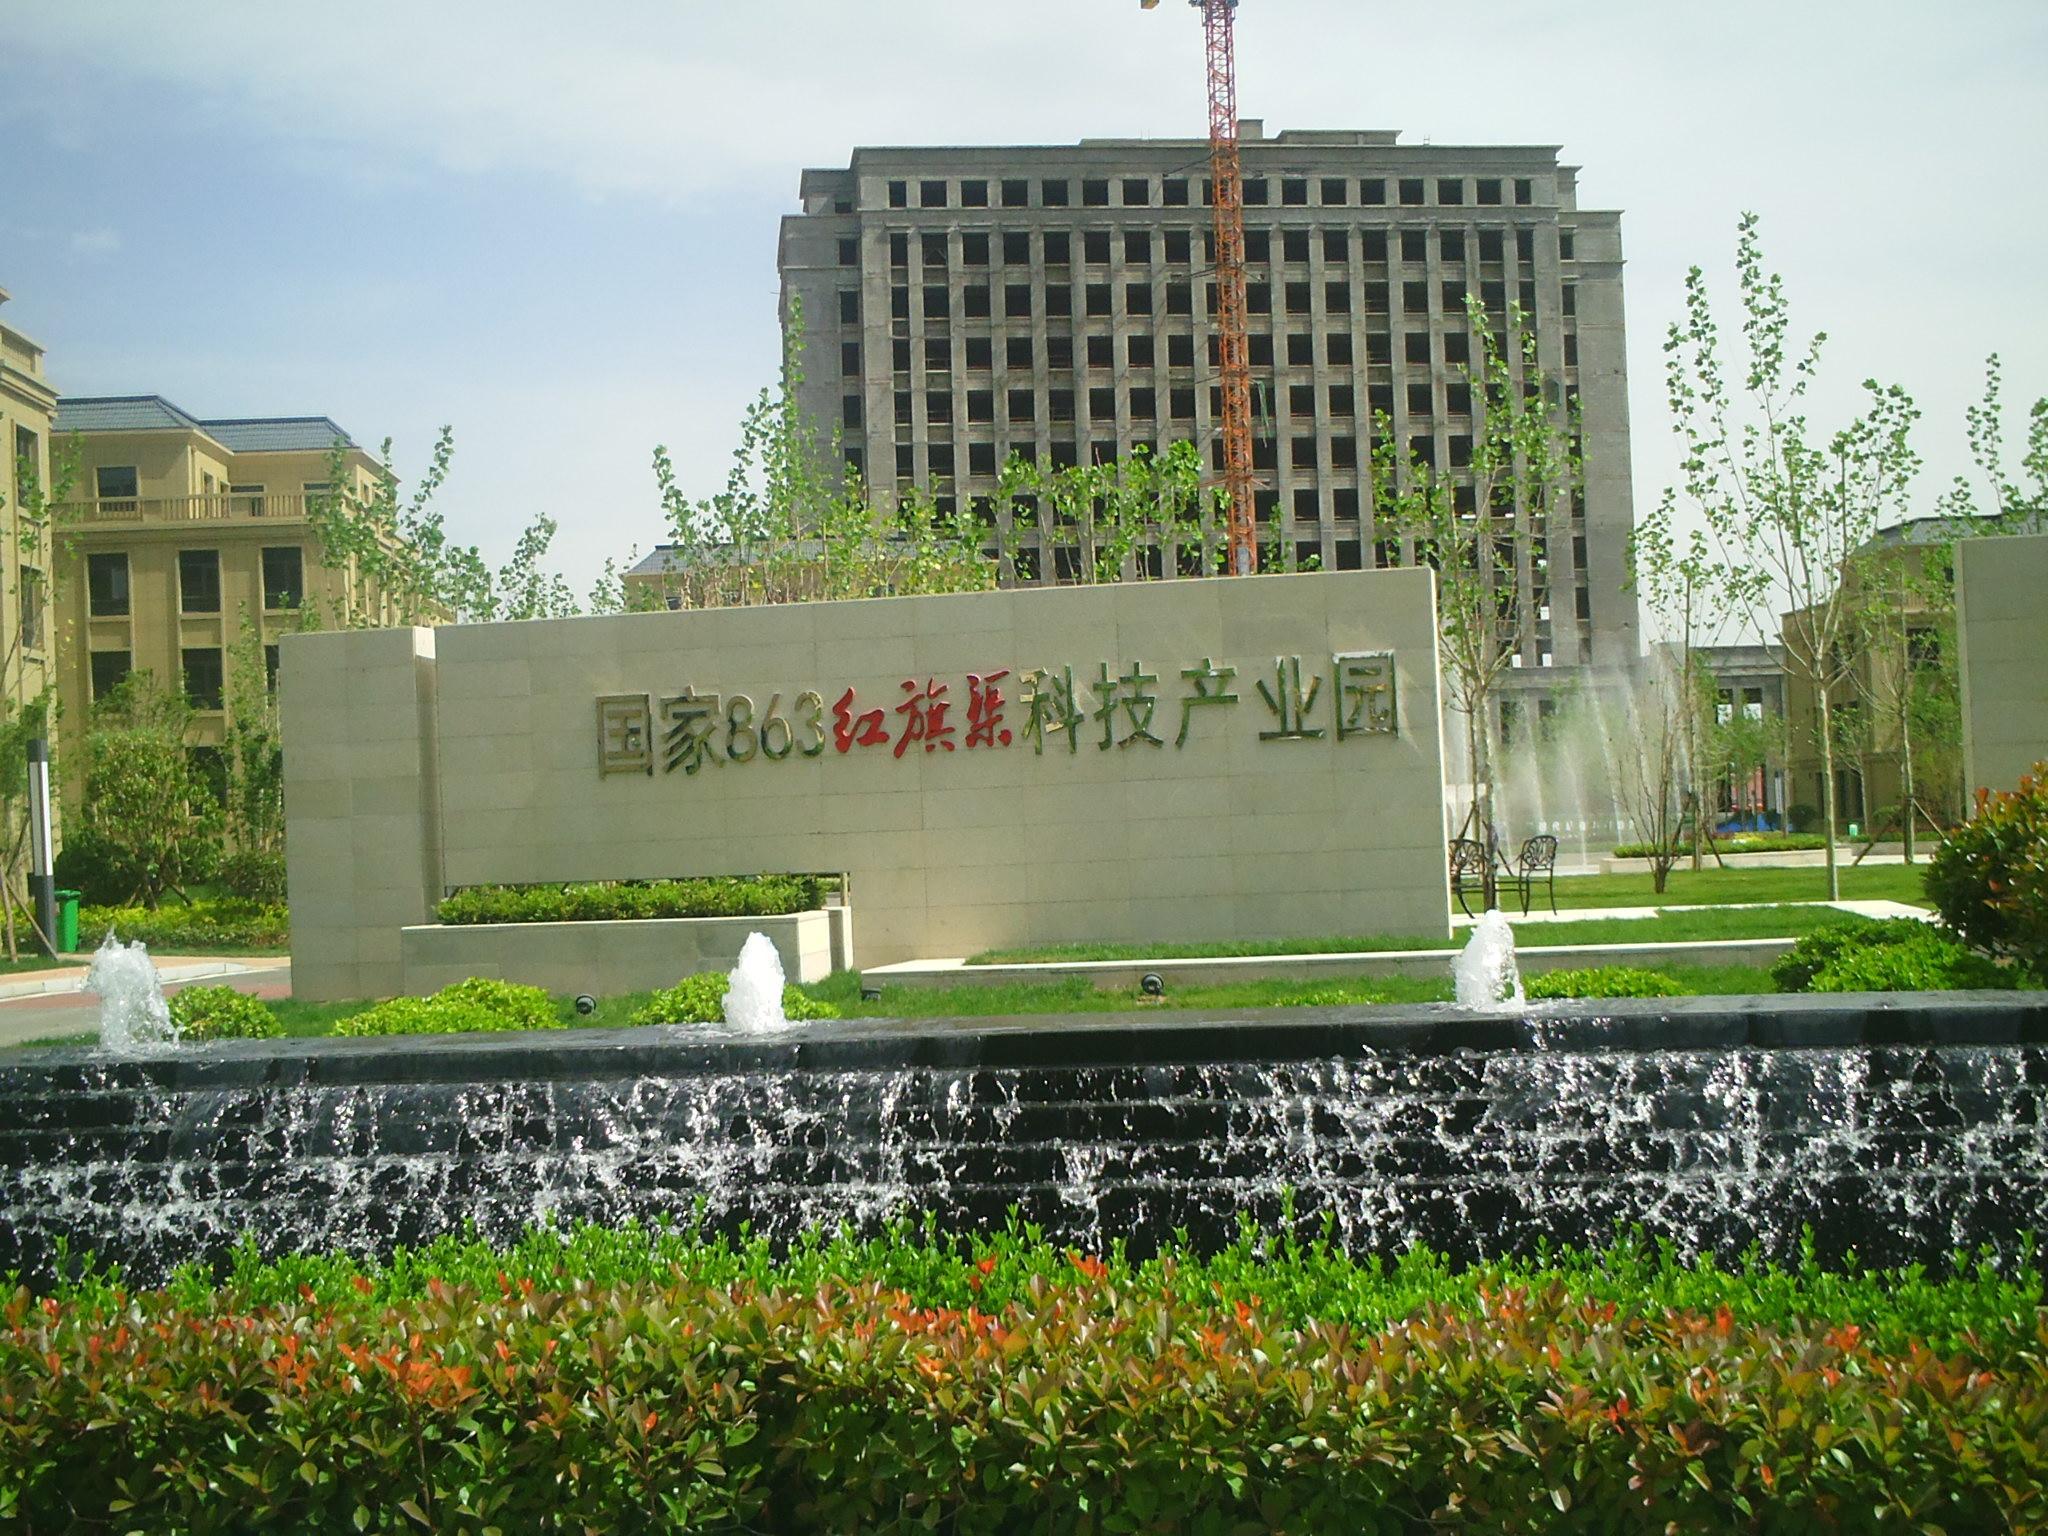 """国家863红旗渠科技产业园:""""双桂冠""""的传奇"""